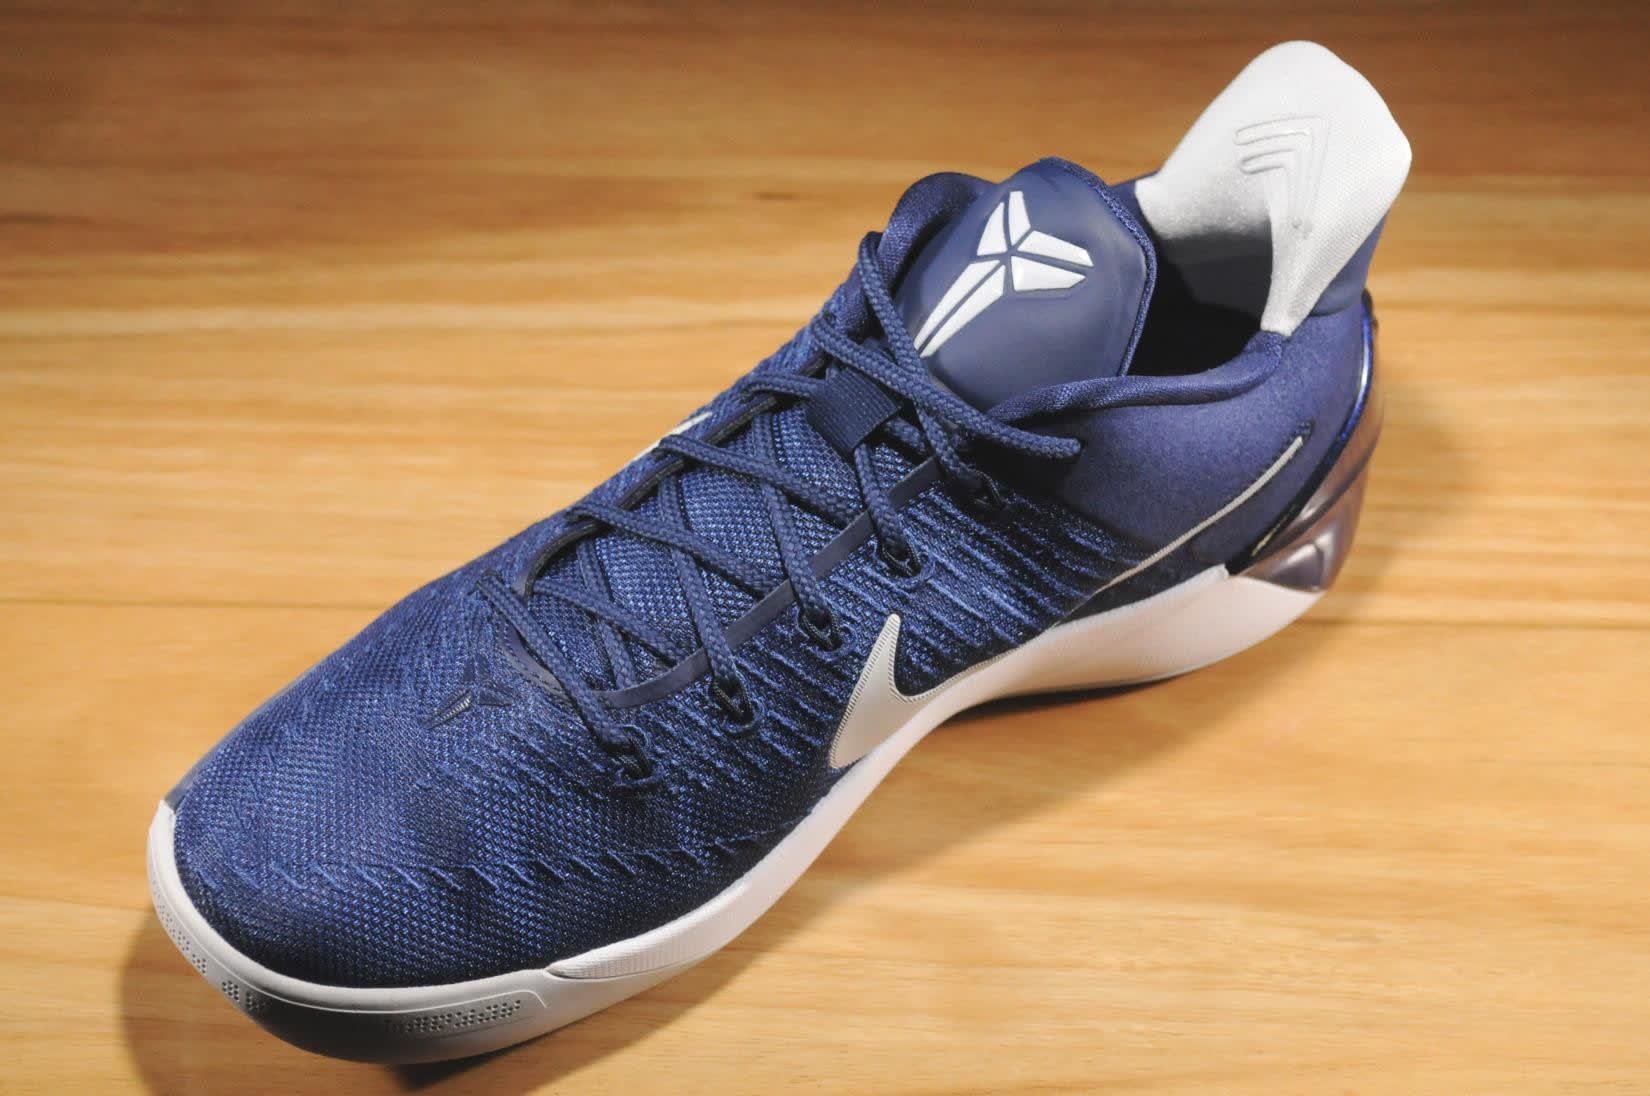 Nike Kobe AD Midnight Navy Medial 852425-406